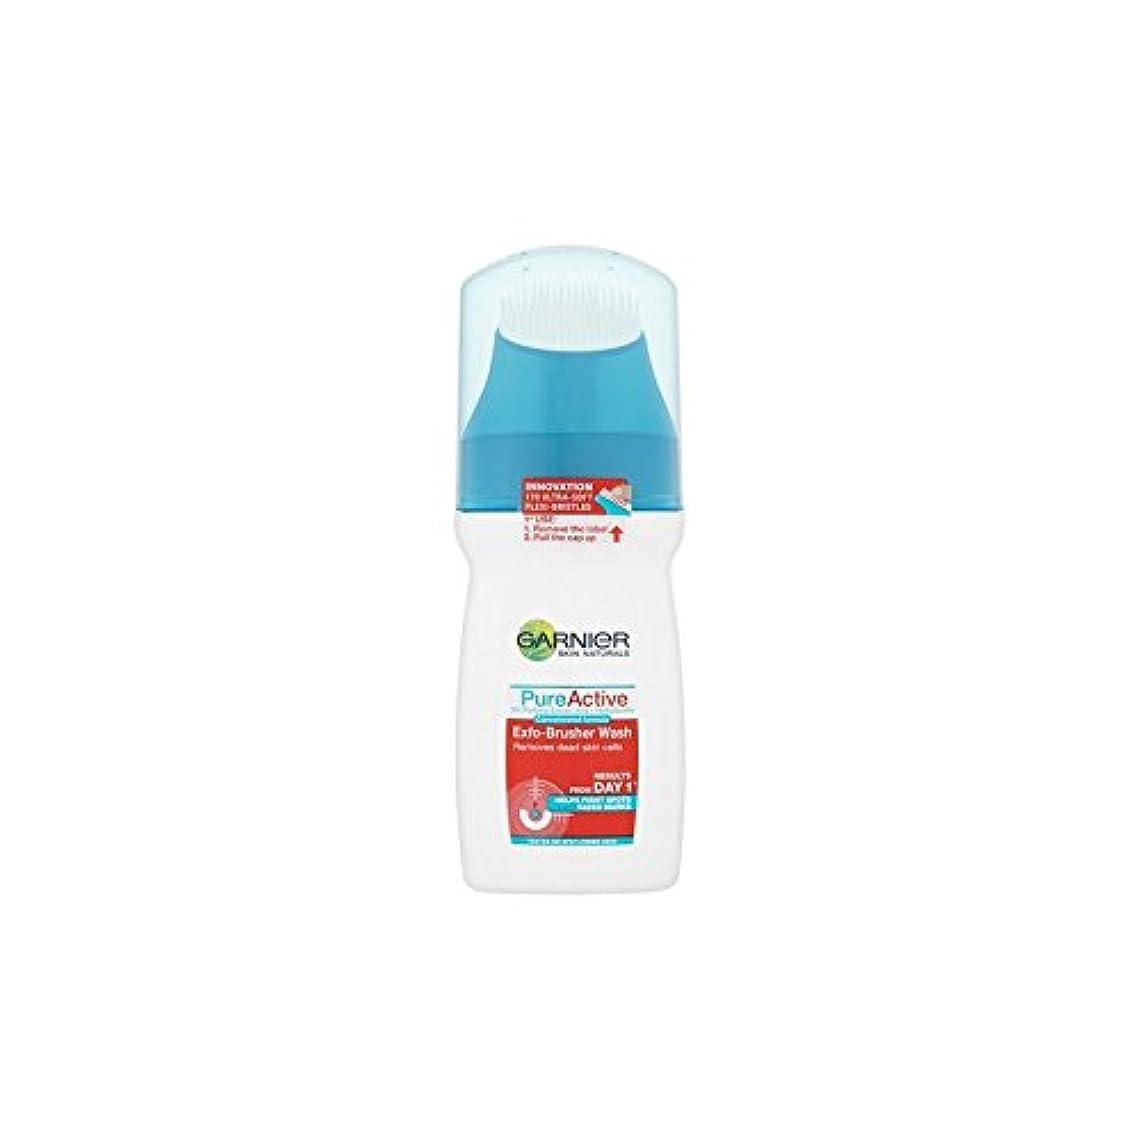 裏切り者定説所属ガルニエ純粋な活性-ブラッシャーの洗顔(150ミリリットル) x4 - Garnier Pure Active Exfo-Brusher Face Wash (150ml) (Pack of 4) [並行輸入品]